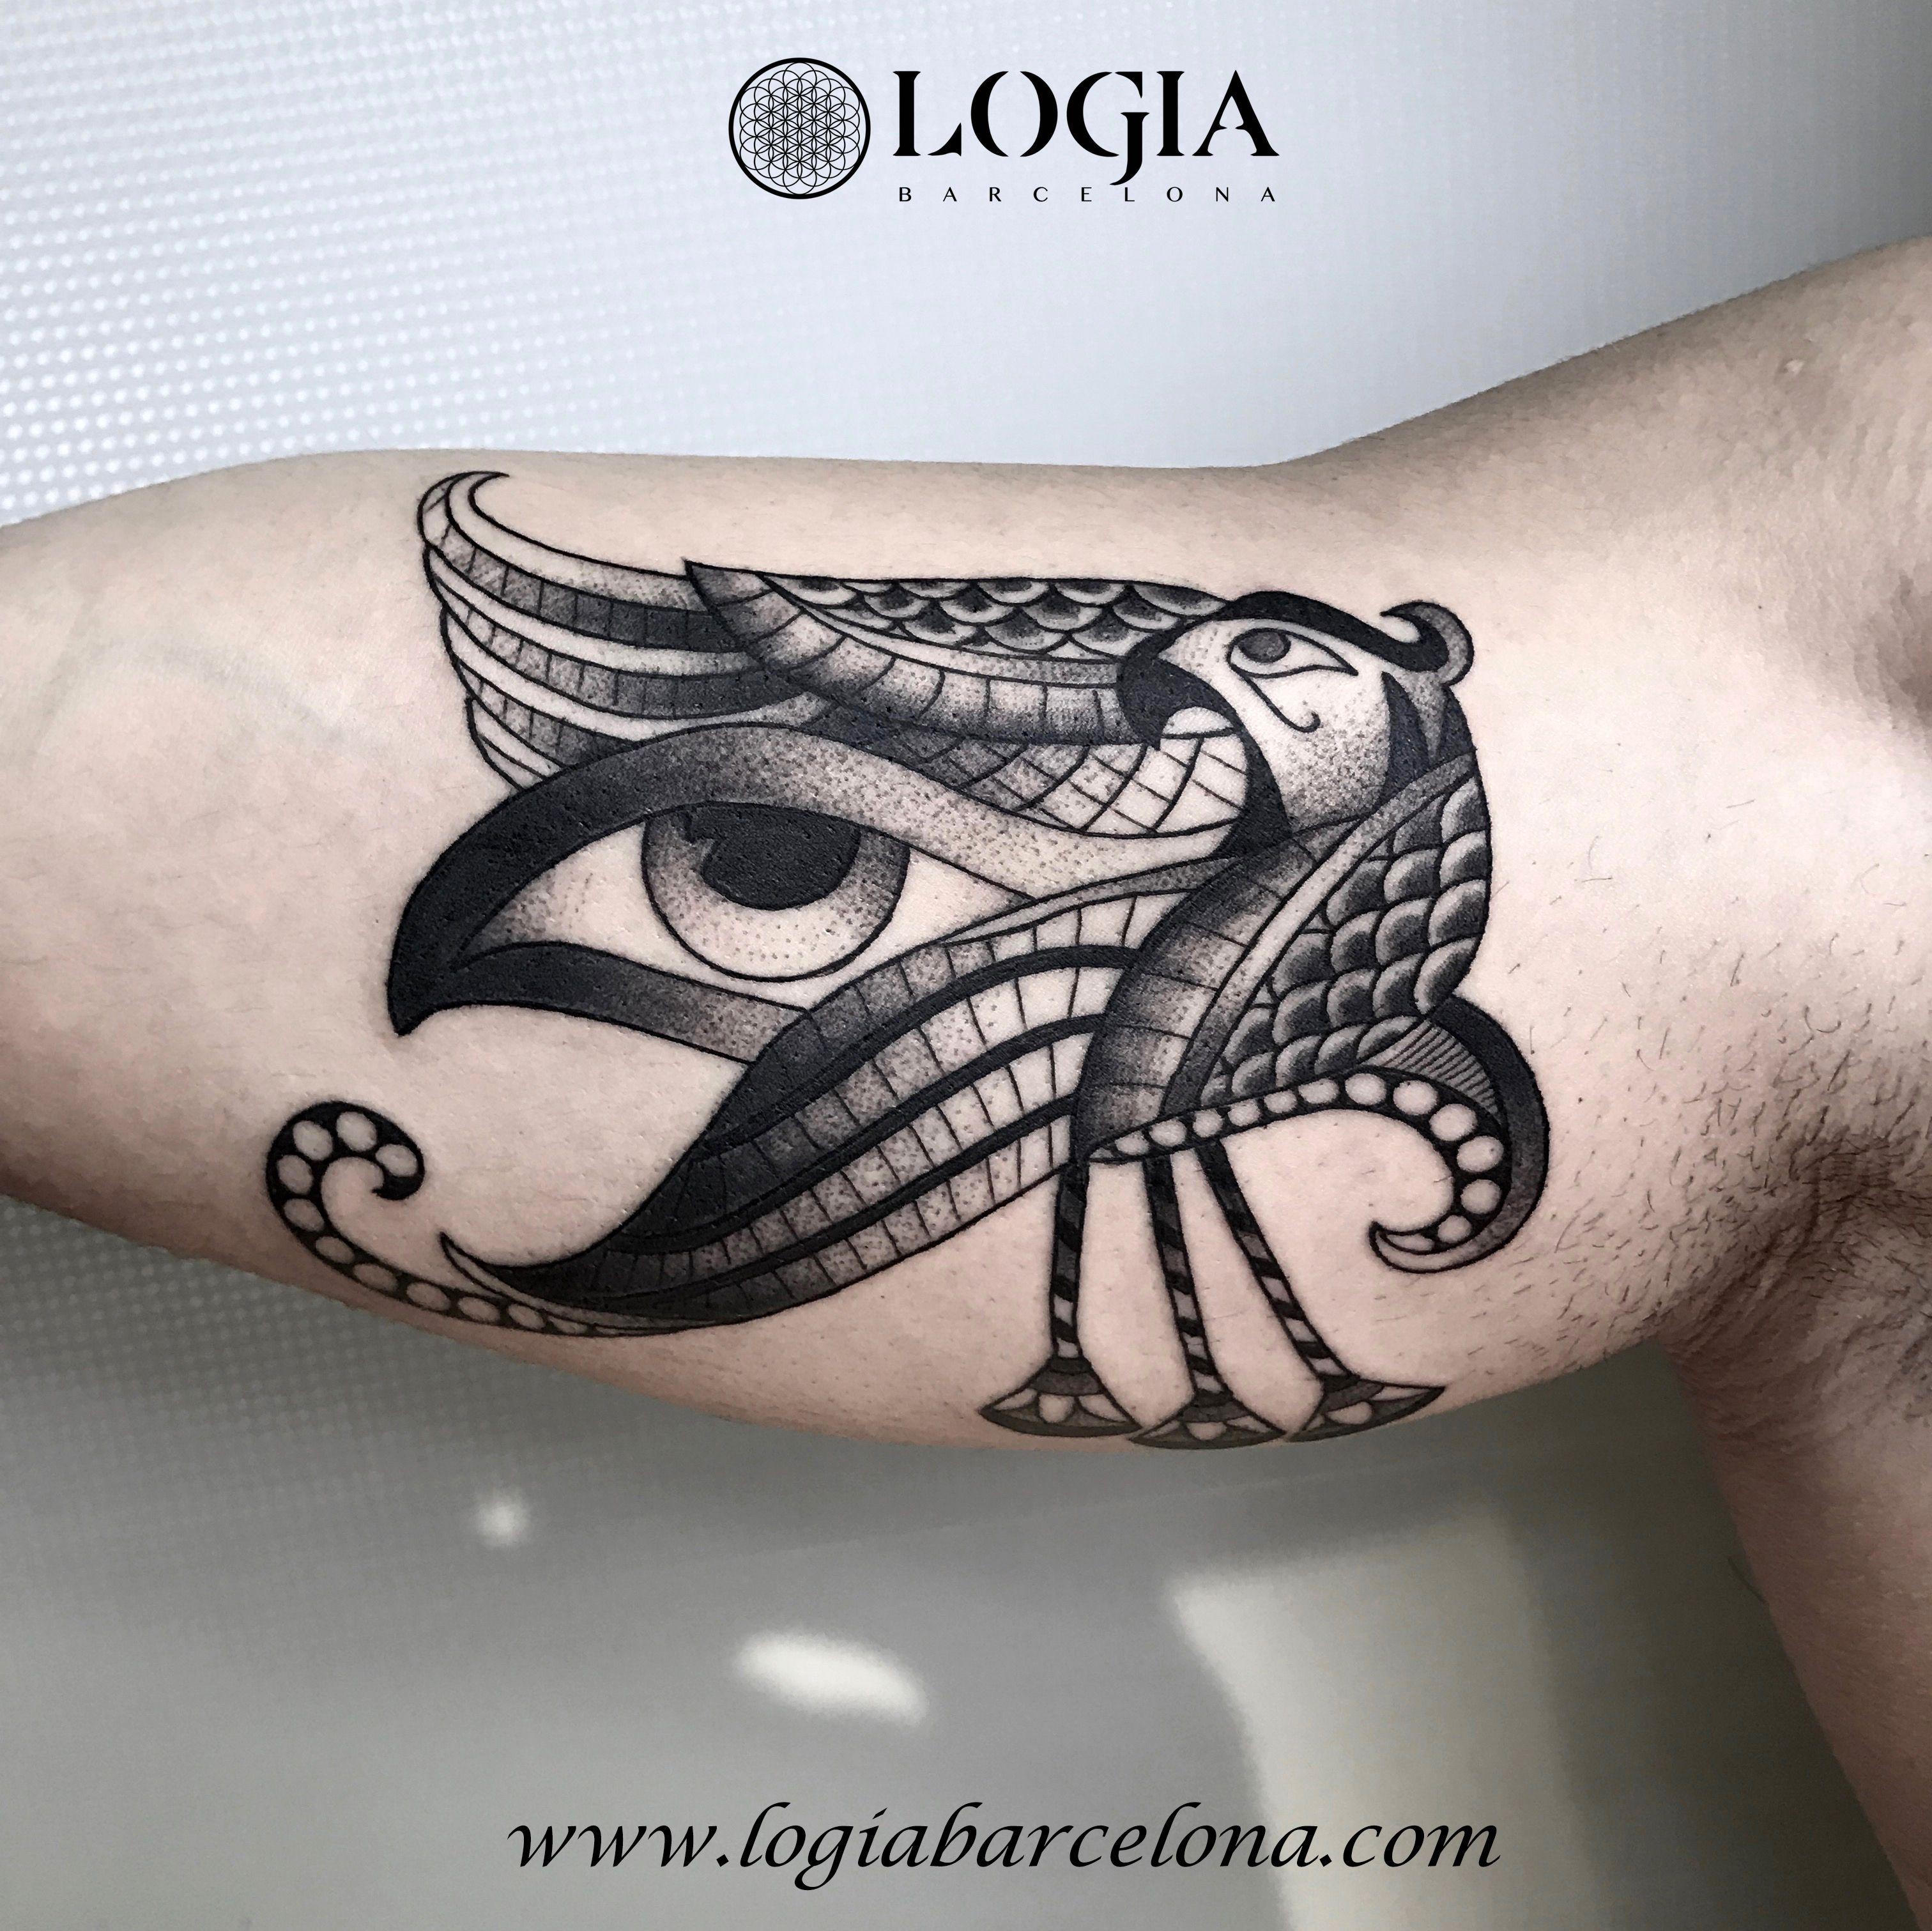 Φ Artist PEPO ERRANDO Φ  Info & Citas: (+34) 93 2506168 - Email: Info@logiabarcelona.com www.logiabarcelona.com #logiabarcelona #logiatattoo #tatuajes #tattoo #tattooink #tattoolife #tattoospain #tattooworld #tattoobarcelona #tattooistartmag #tattoosenbarcelona #tattooisartmagazine #tattoos_of_instagram #ink #arttattoo #artisttattoo #inked #instattoo #inktattoo #tatuagem #tattoocolor #brazo #tattooartwork #egipcio #egytian